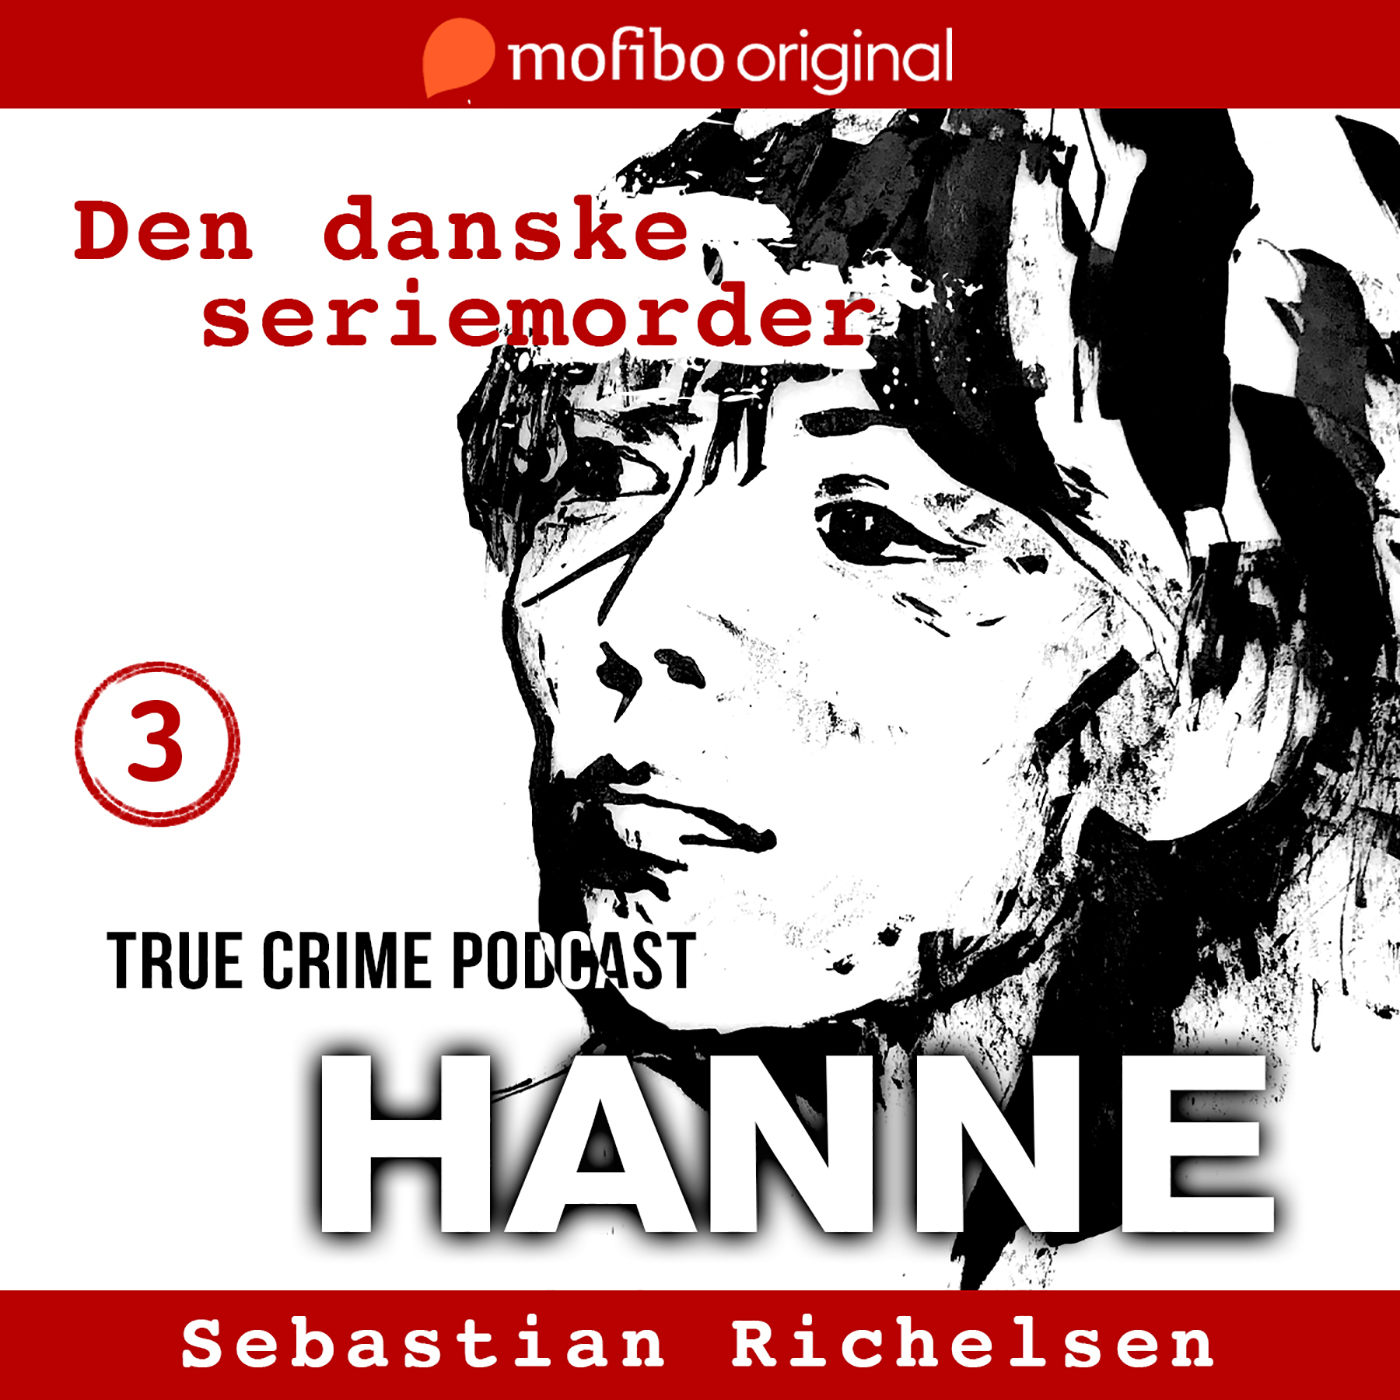 Episode 3 - Hanne